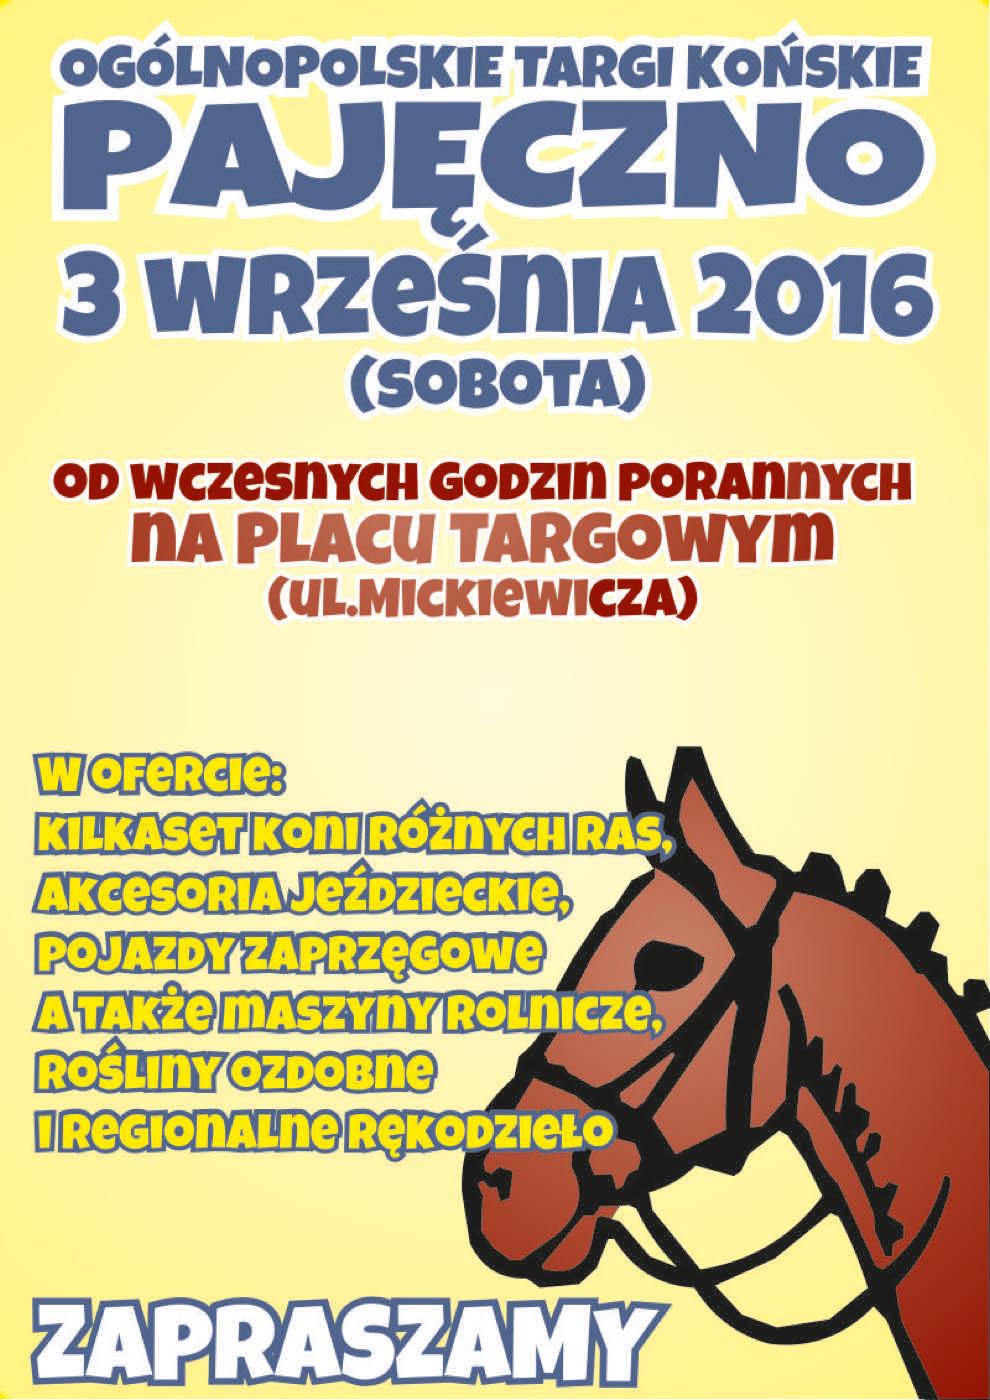 Targi-wrzesień-2016-pajeczno